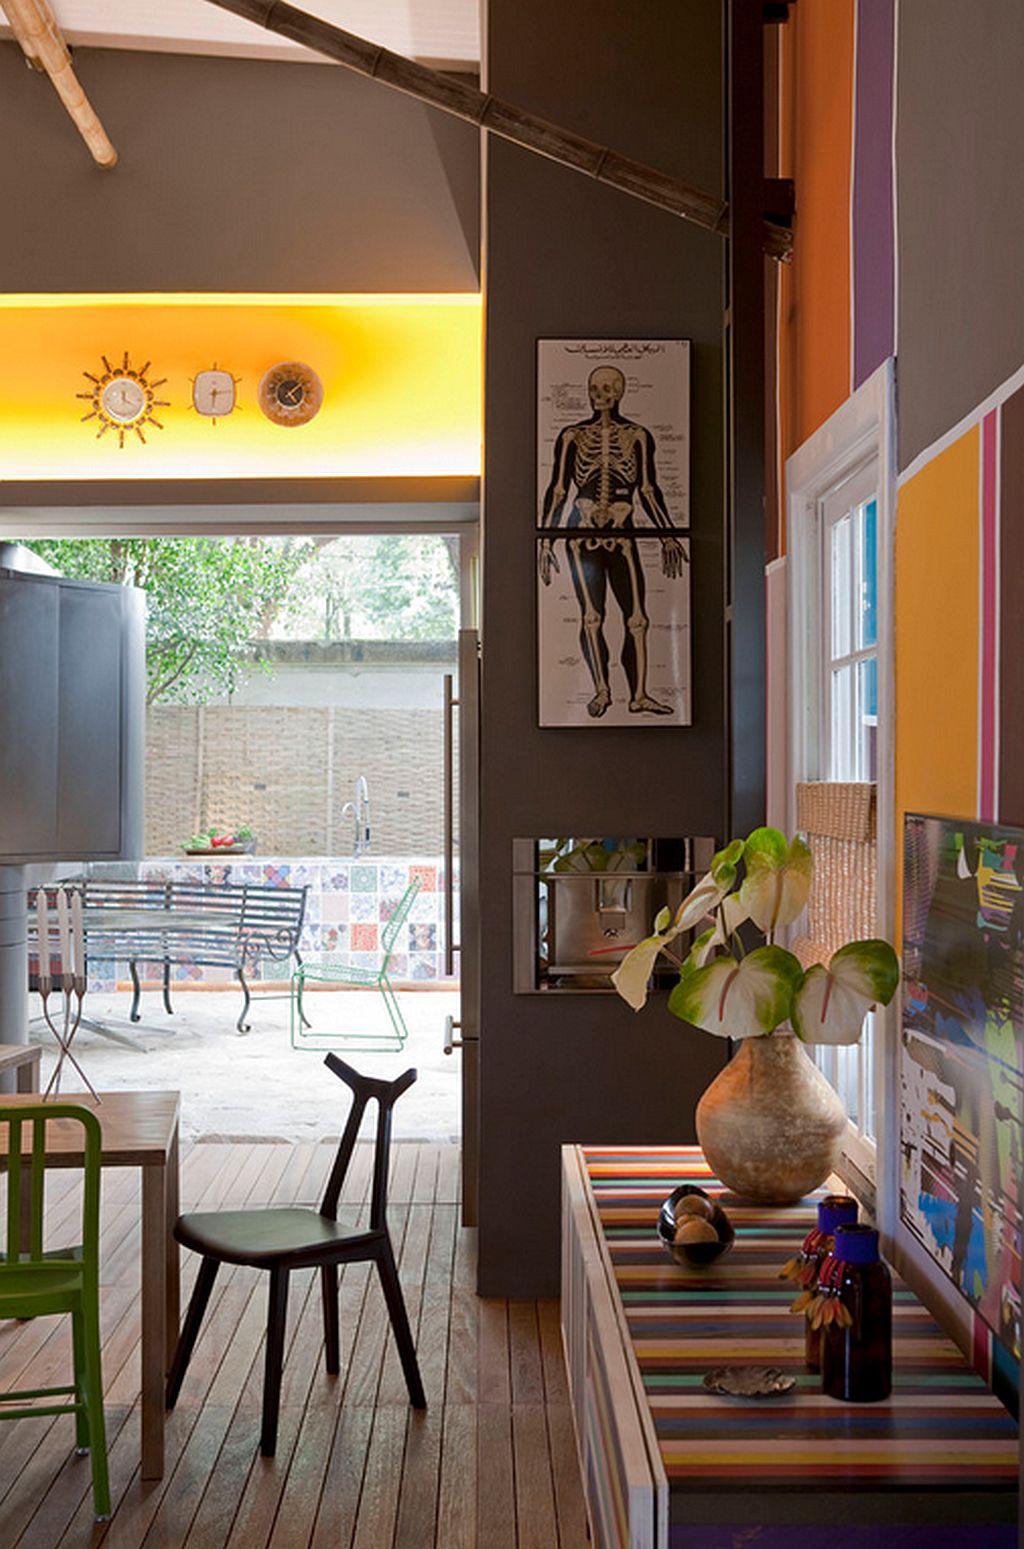 adelaparvu.com despre cabana urbana design Fabio Galeazzo (11)